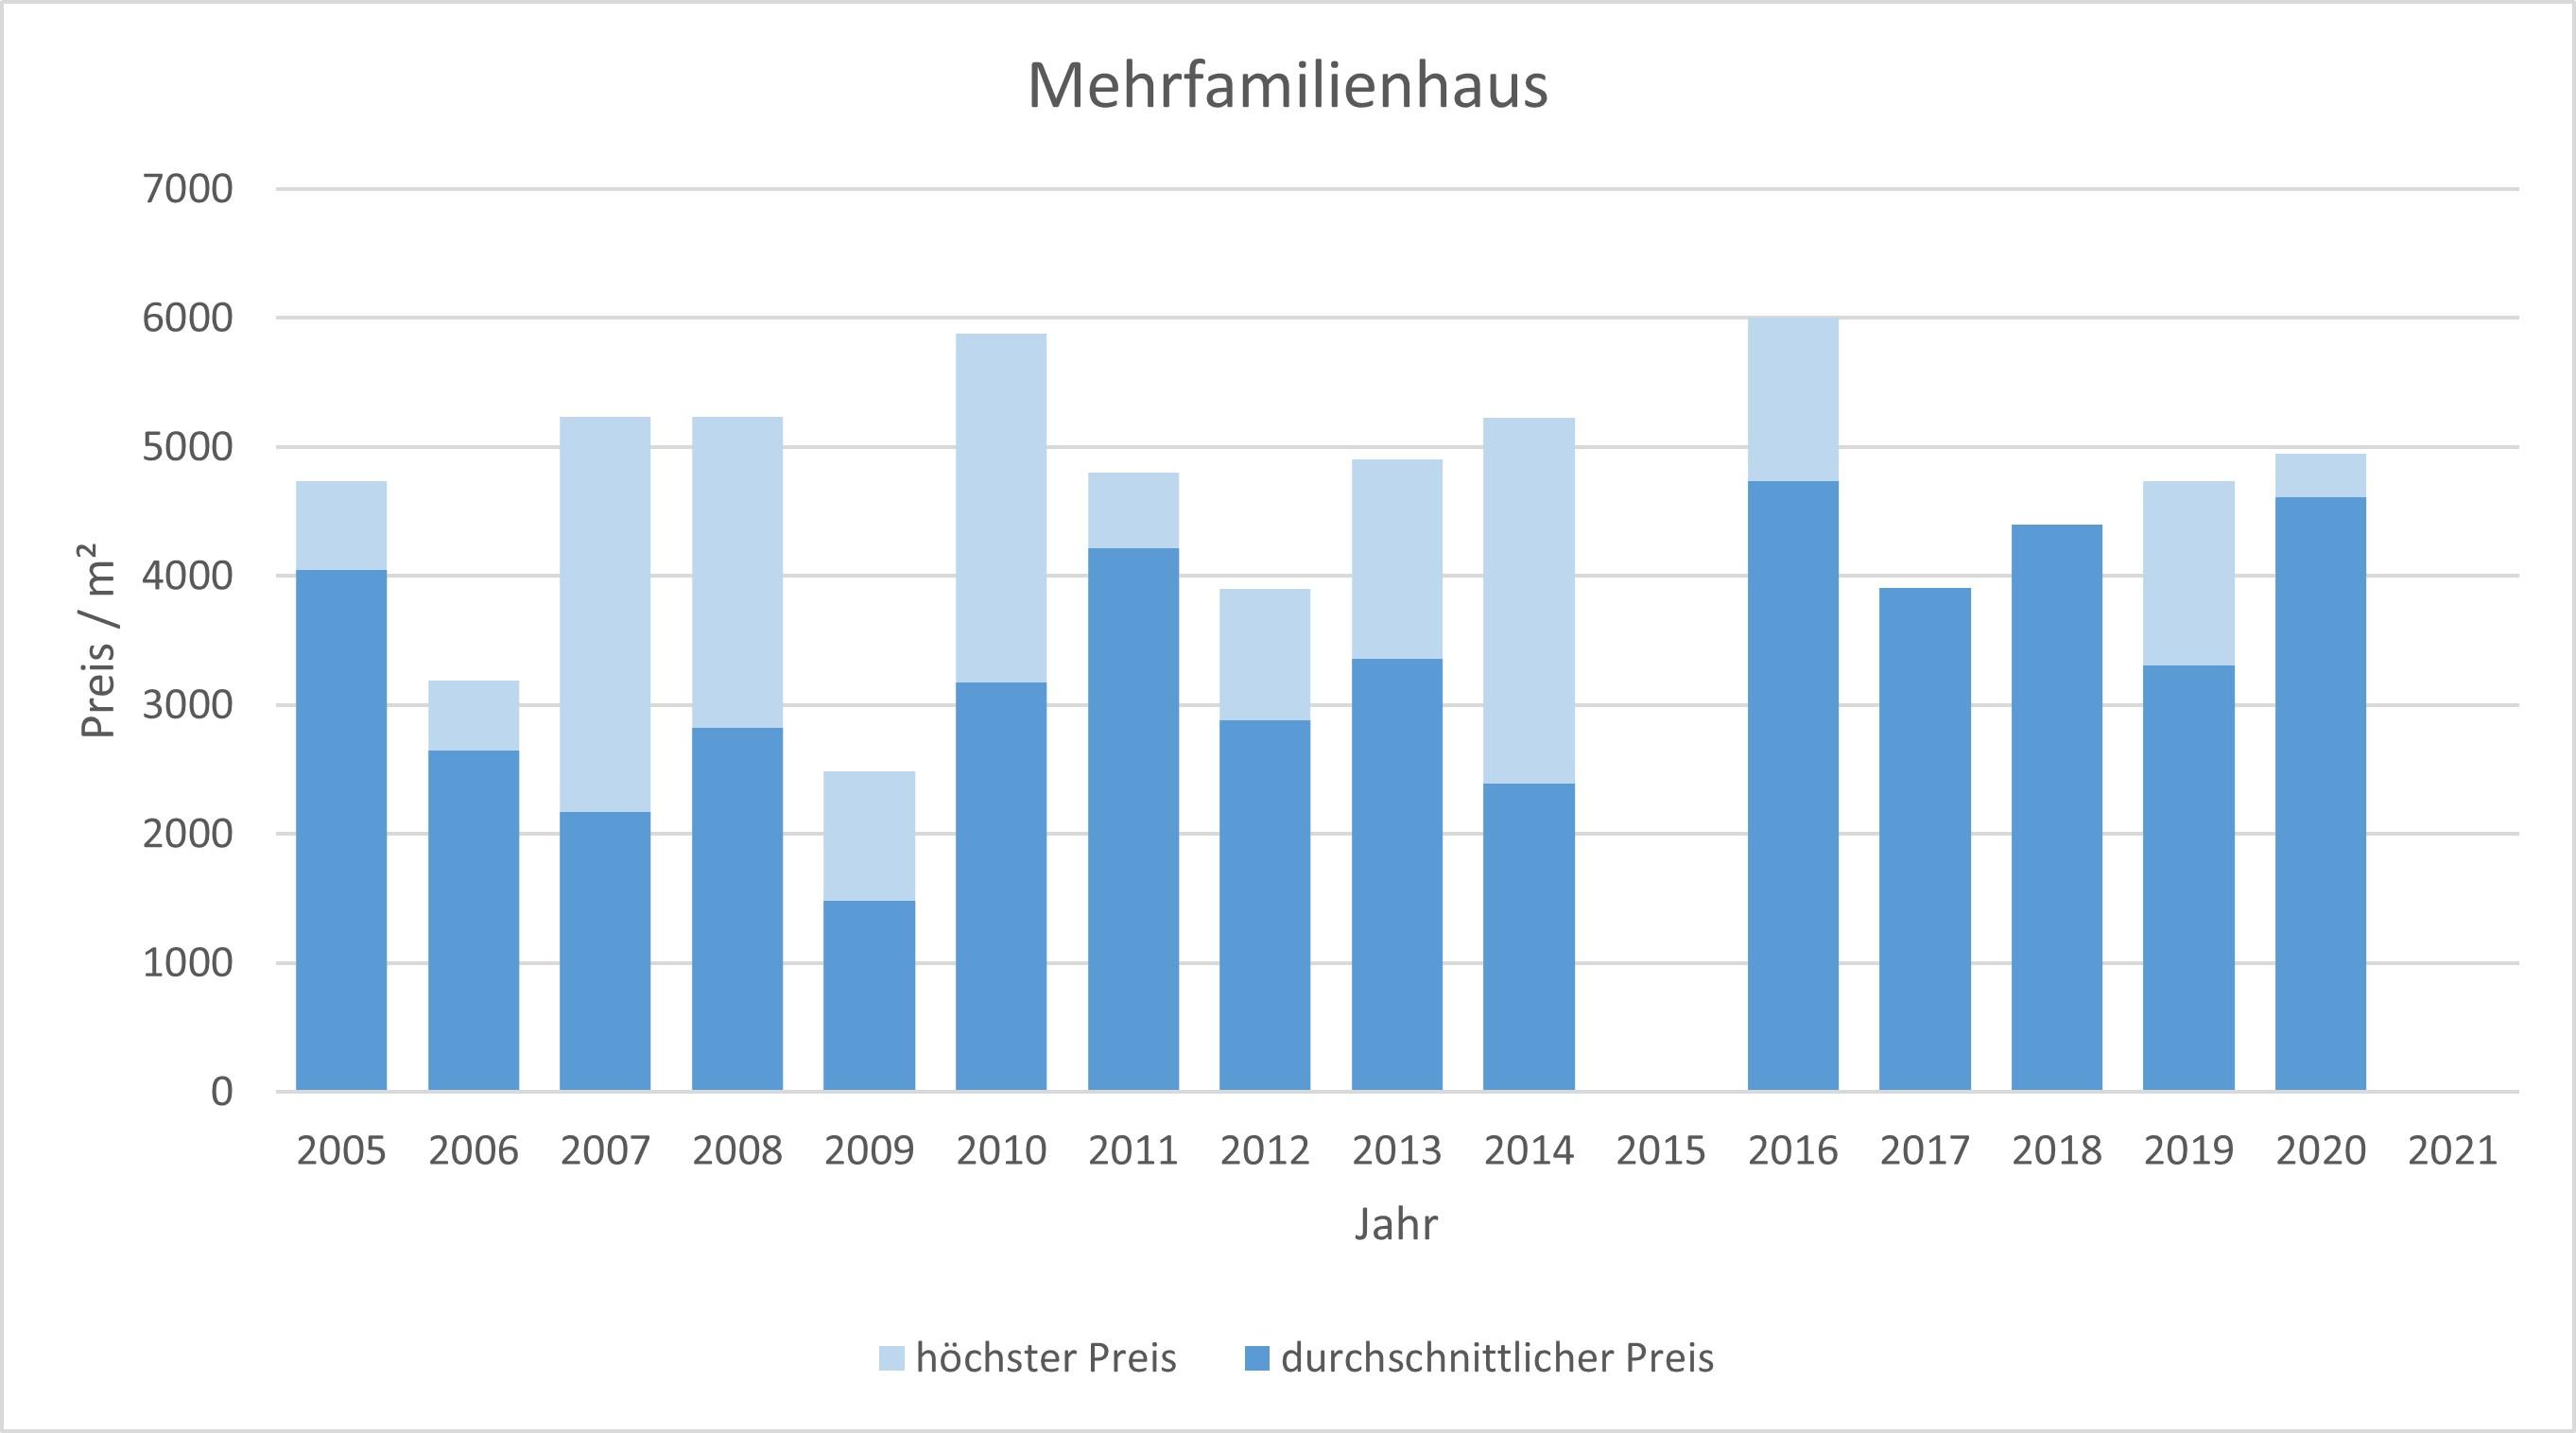 Tegernsee Mehrfamilienahsu kaufen verkaufen Preis Bewertung Makler 2019 2020 2021 www.happy-immo.de